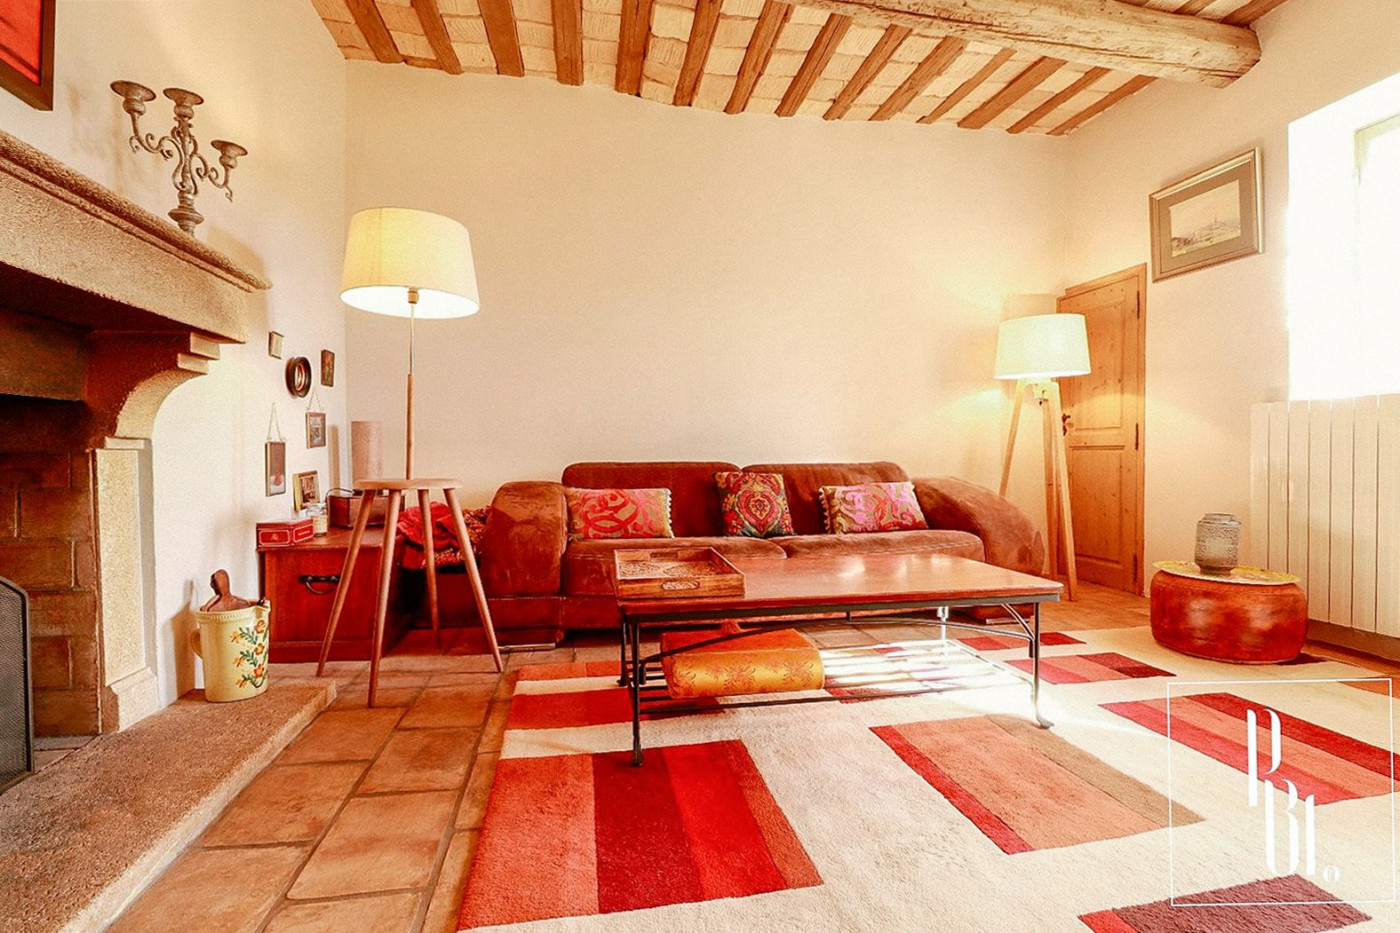 A vendre  Uzes   Réf 345051014 - Pierre blanche immobilier